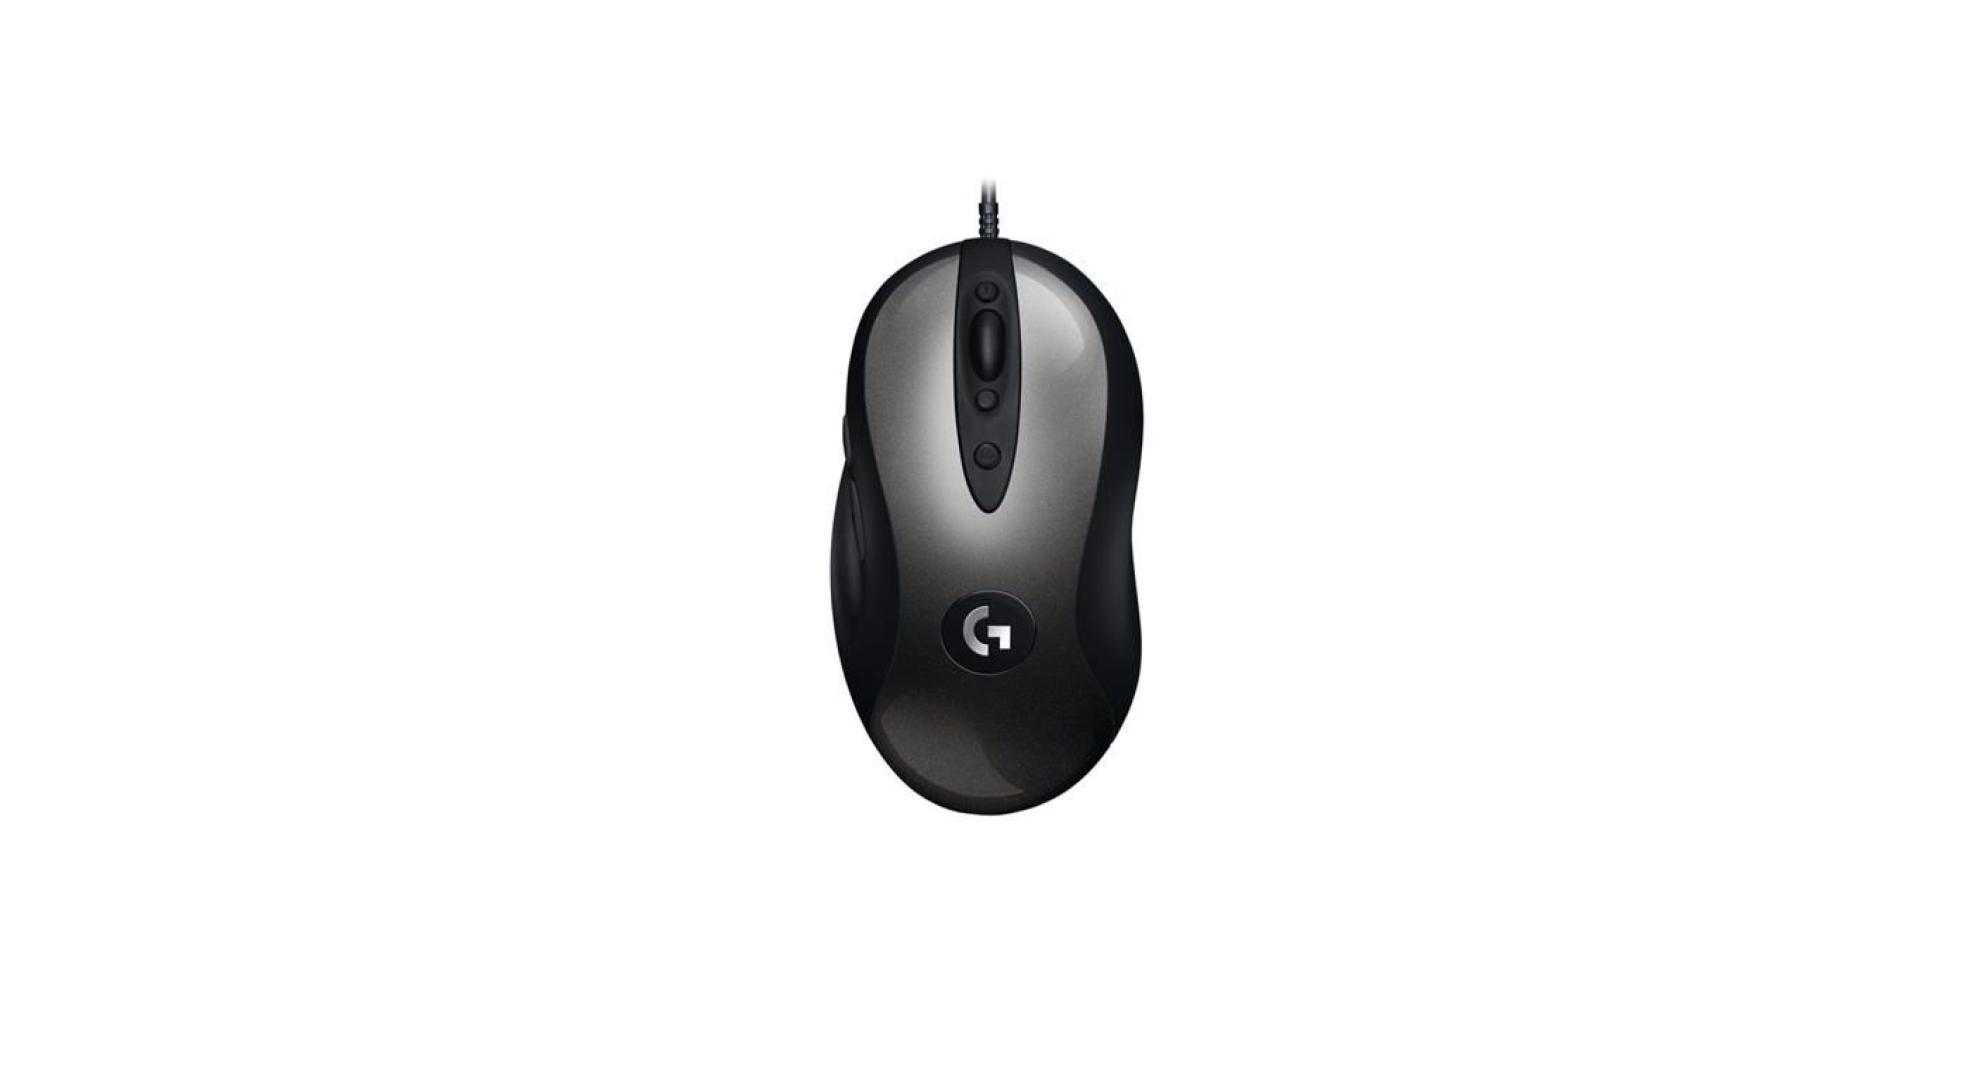 La souris gaming Logitech MX518 passe en dessous de 30 euros